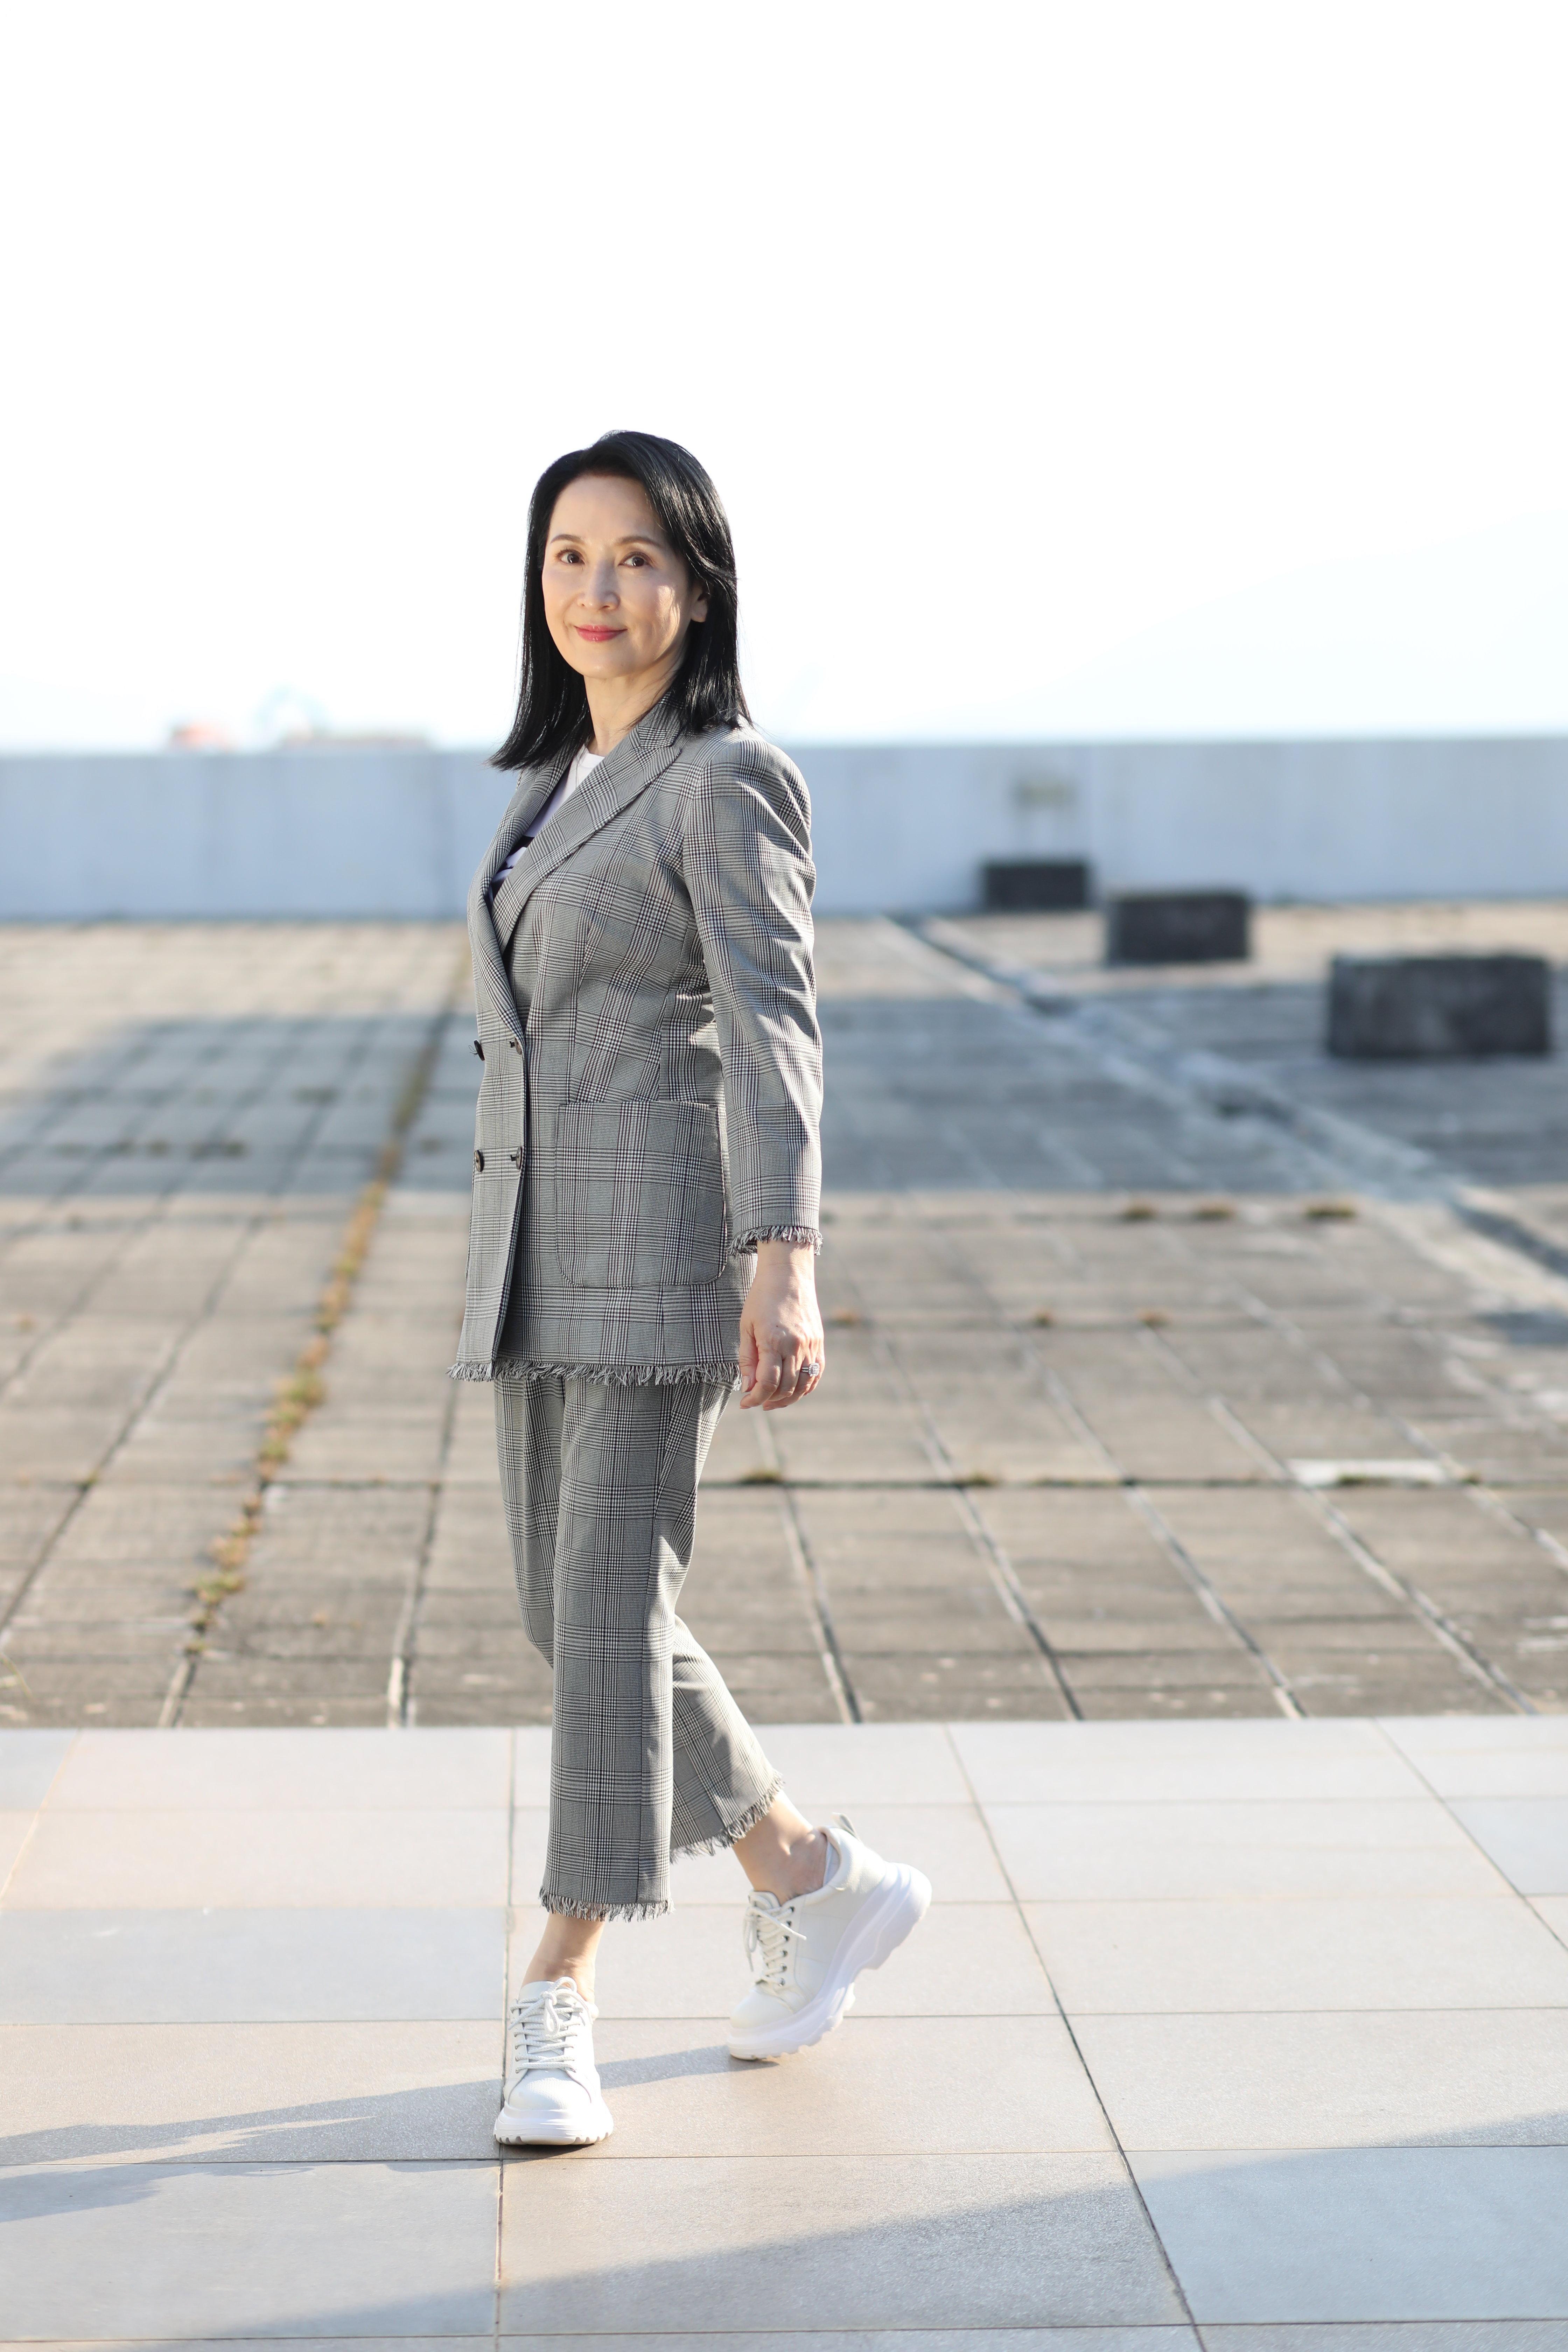 龔慈恩說婚姻令她看清自己不足之處,仍有很多需要改善的地方。